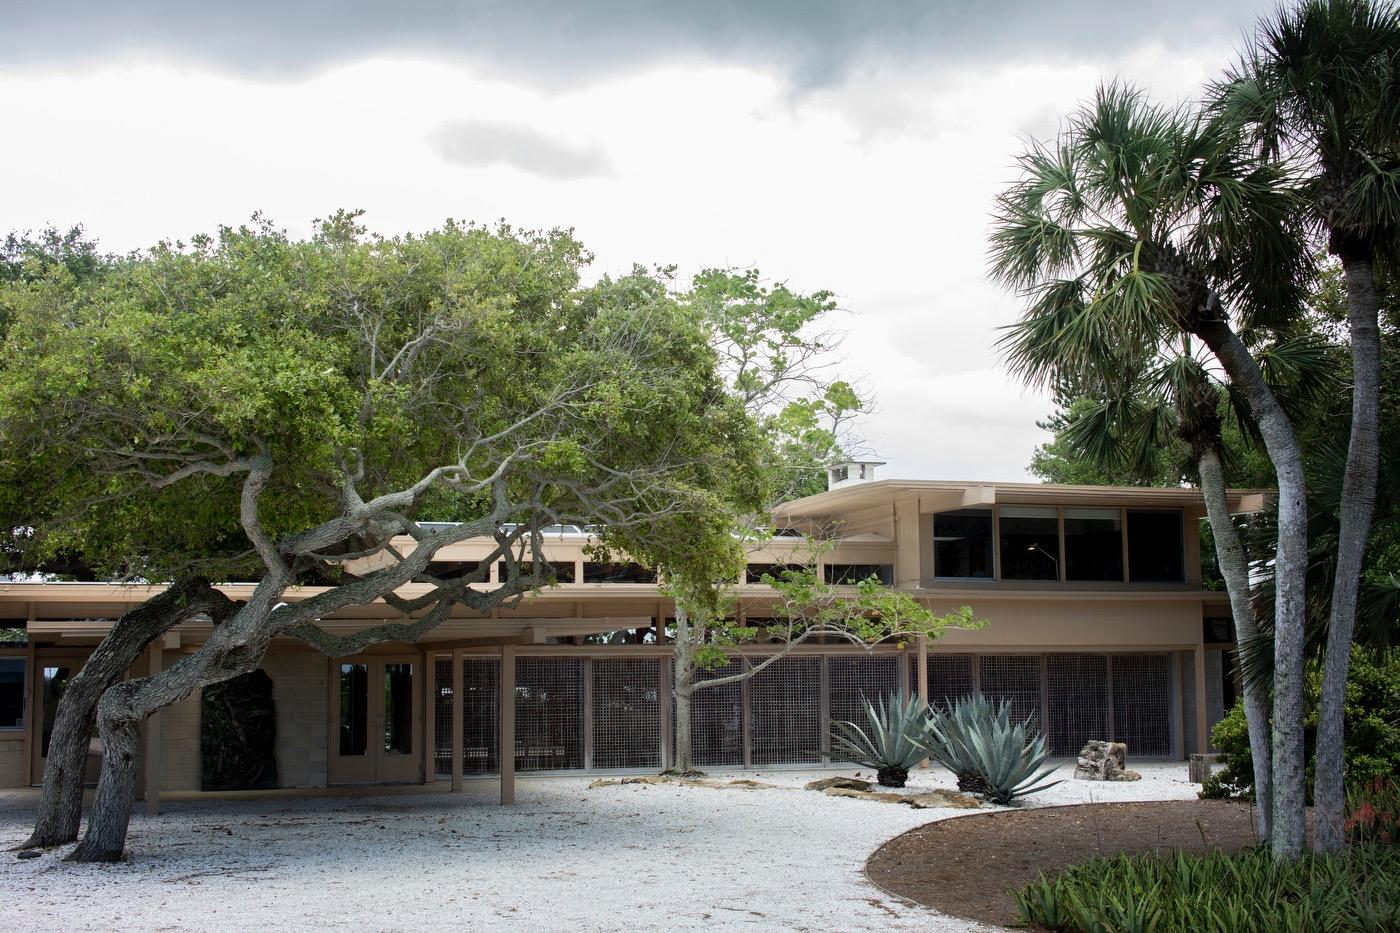 Burckhardt-Cohen Residence, Paul Rudolph, by Bryan Soderlind